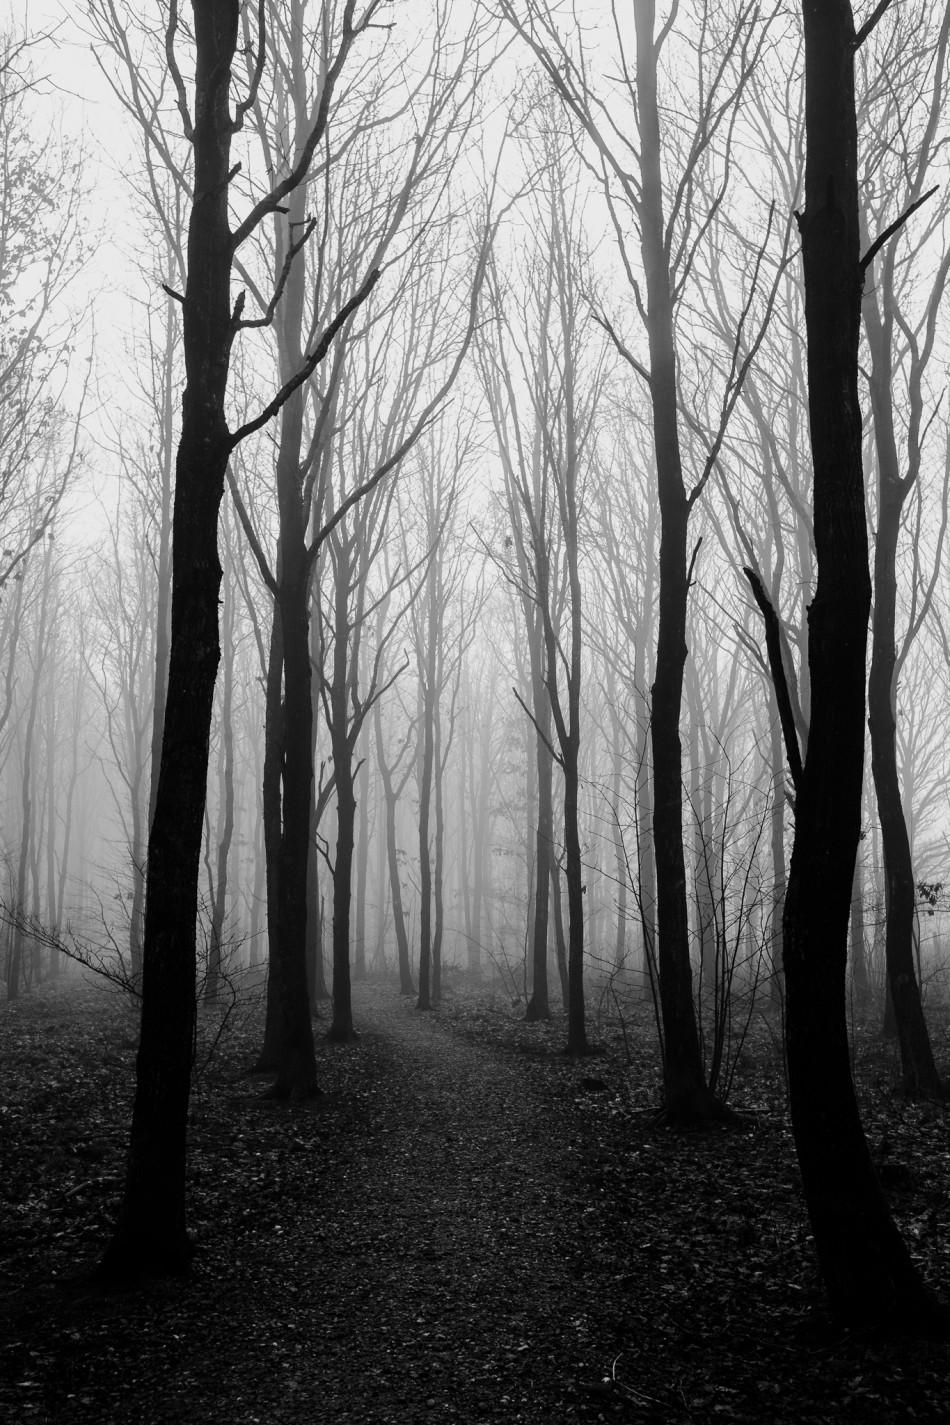 Billede af skov i tåge ved Knudmose i Herning